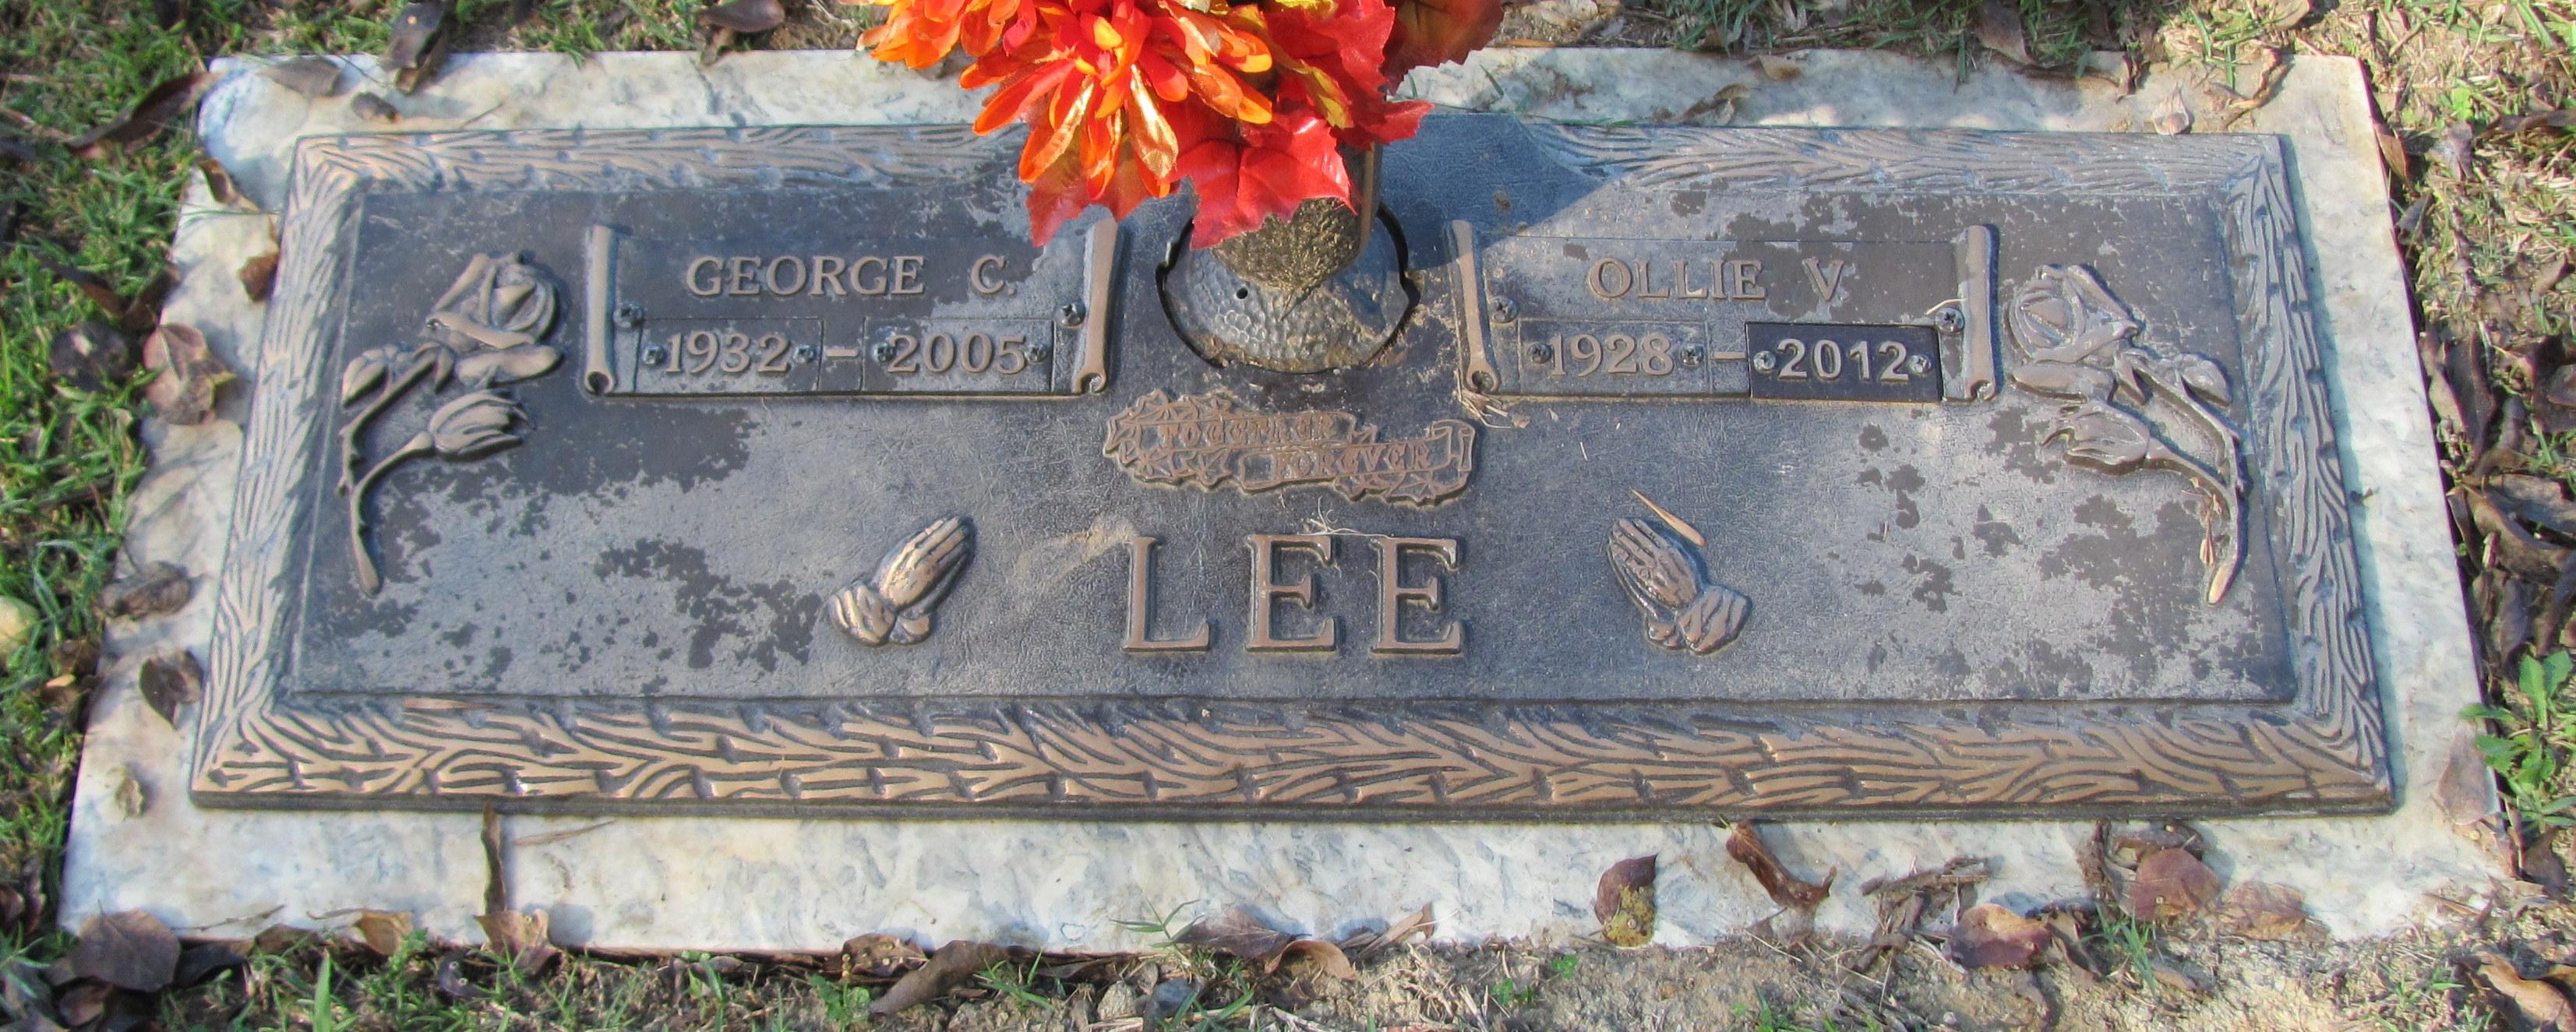 George C Lee